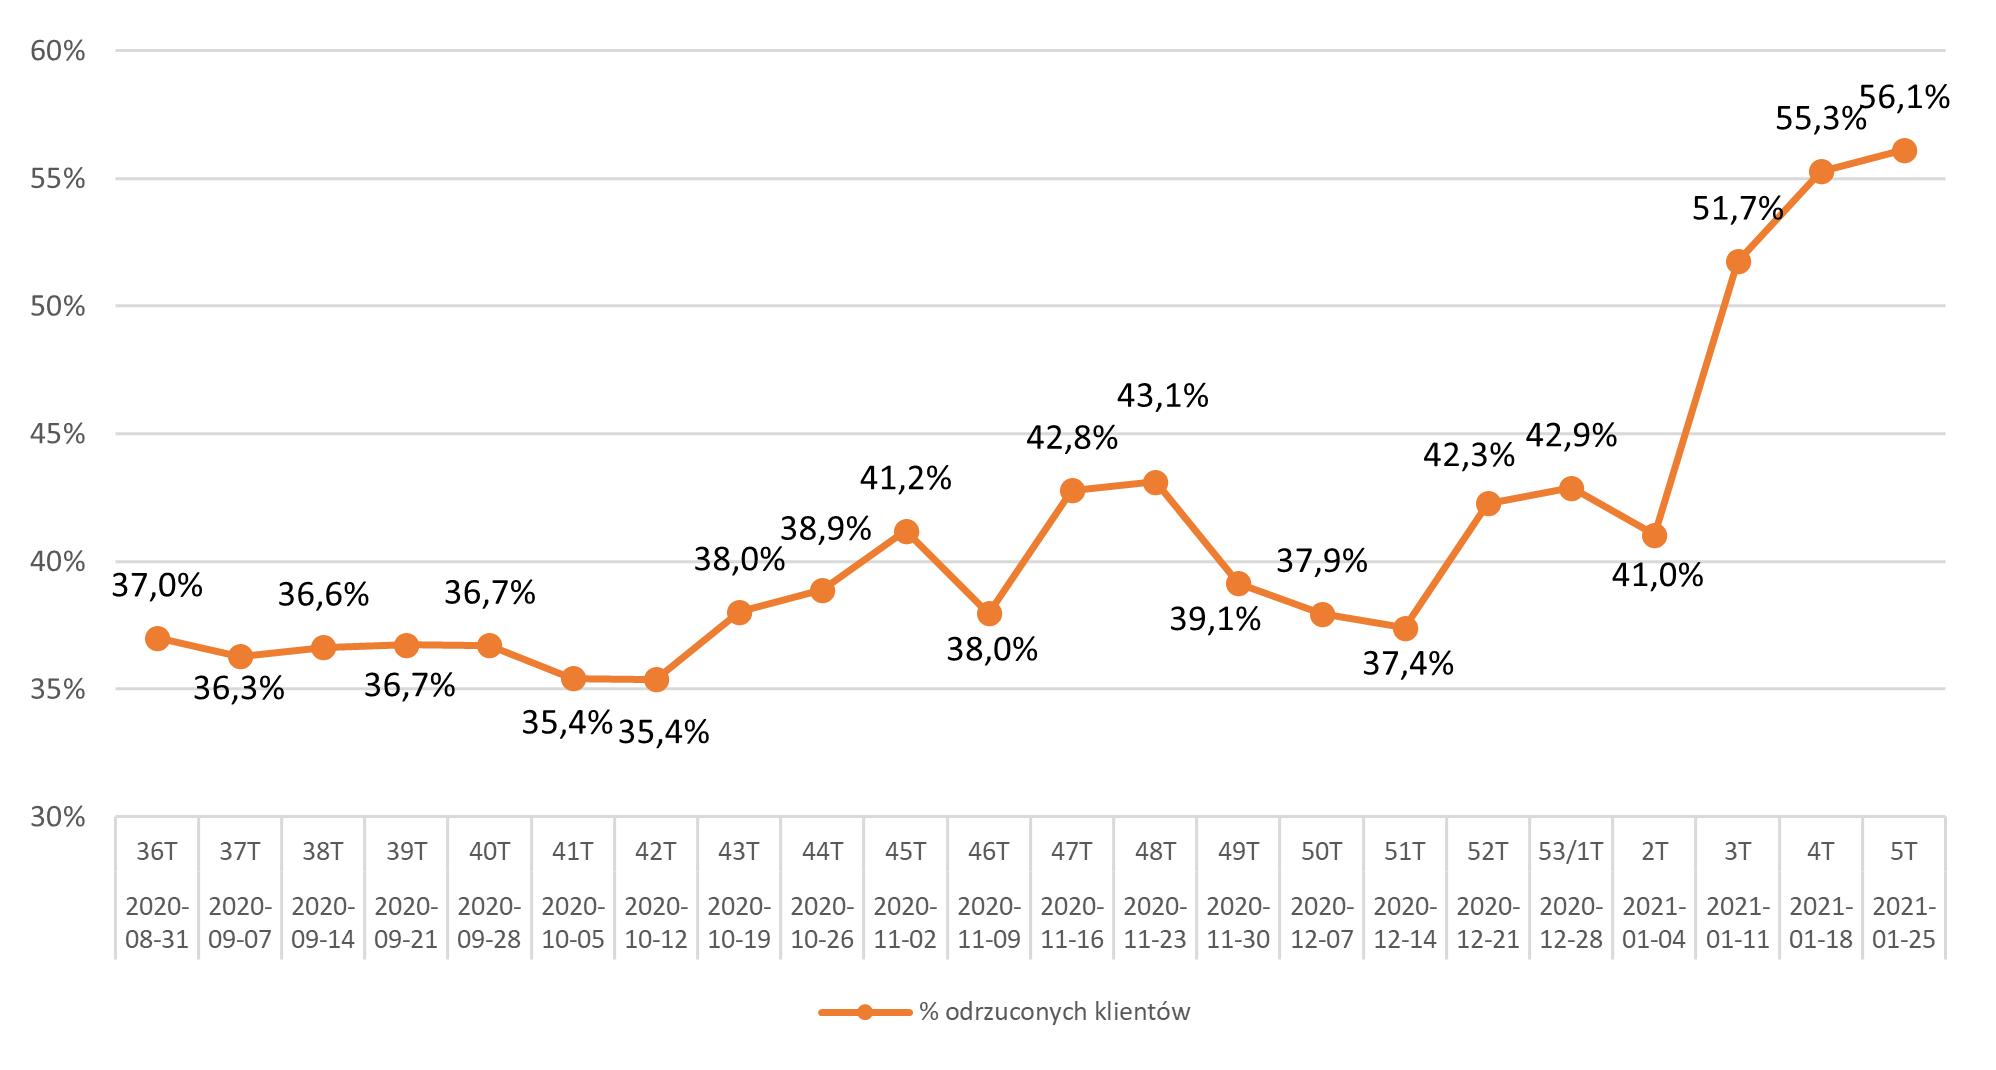 Odsetek klientów odrzuconych w okresie wrzesień 2020